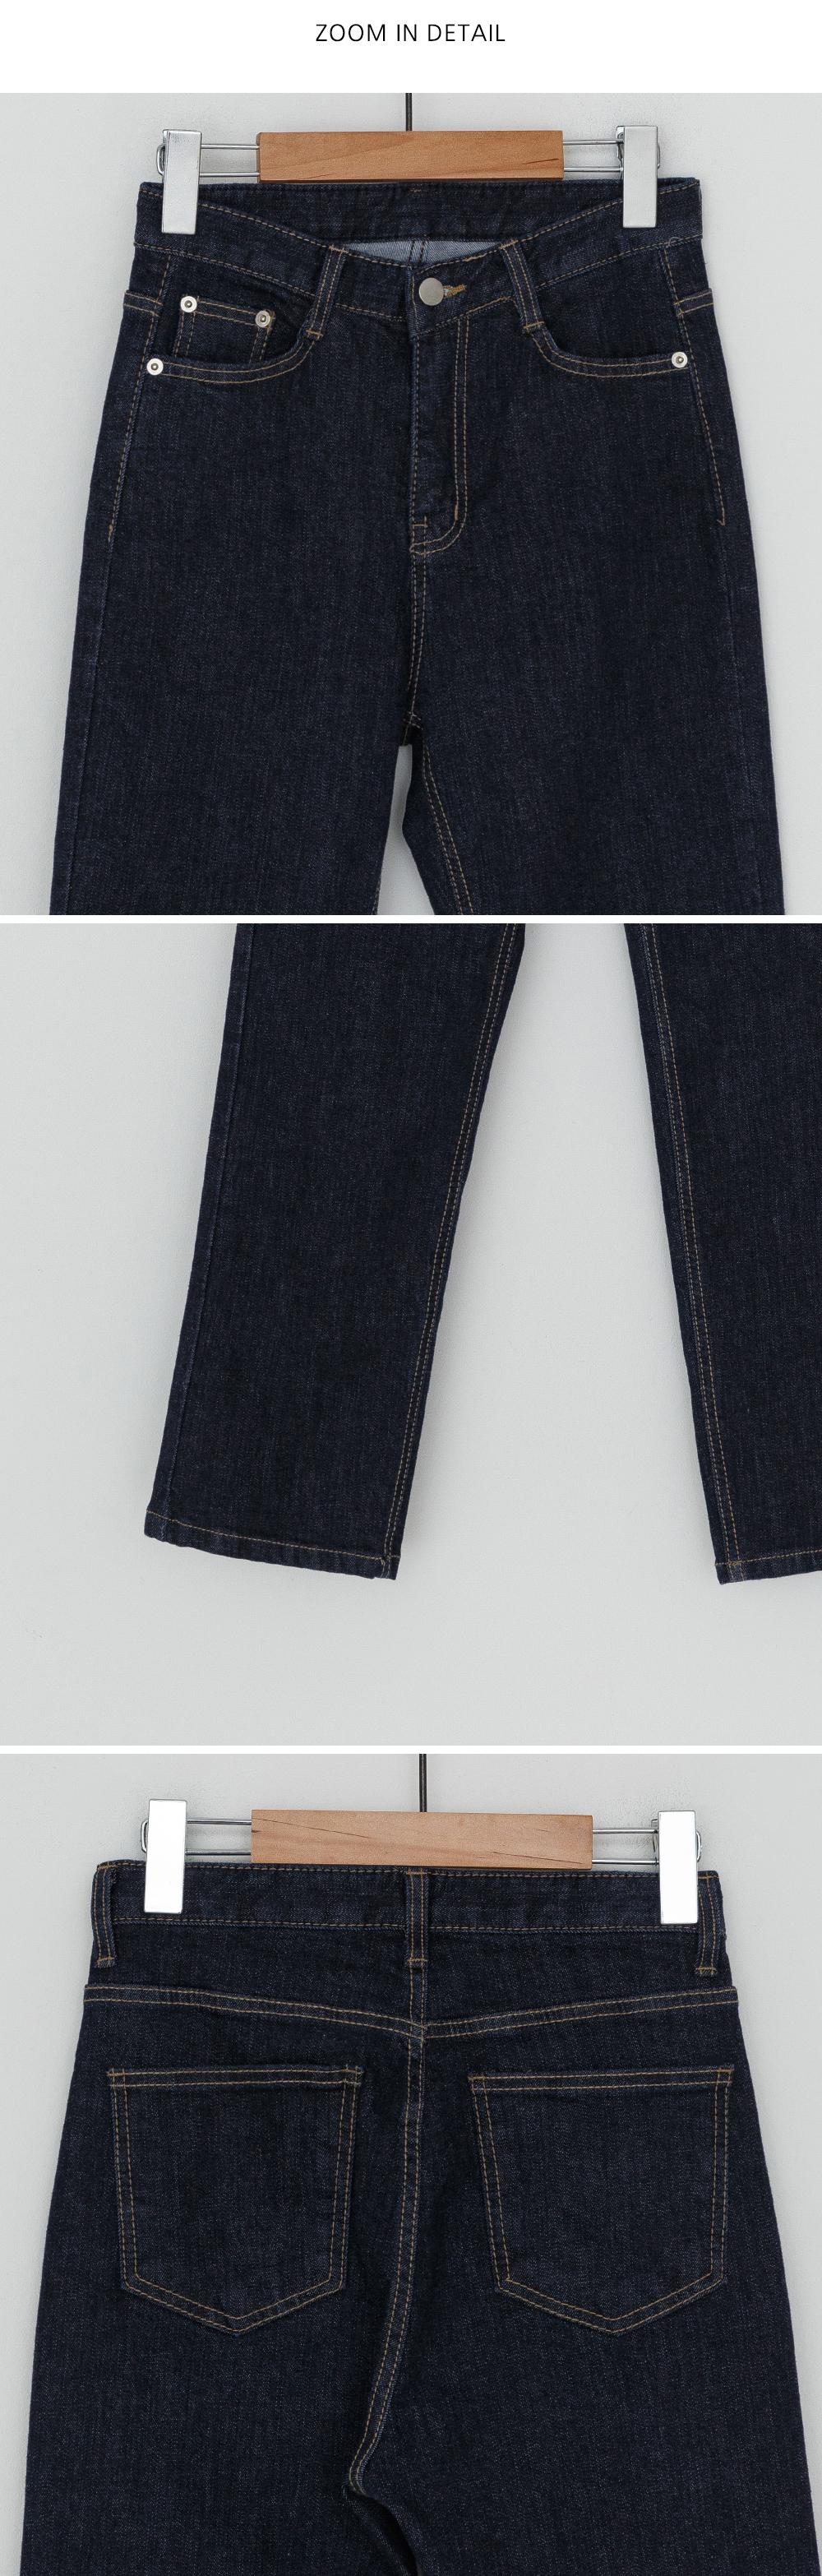 High West Stitch Raw Jeans